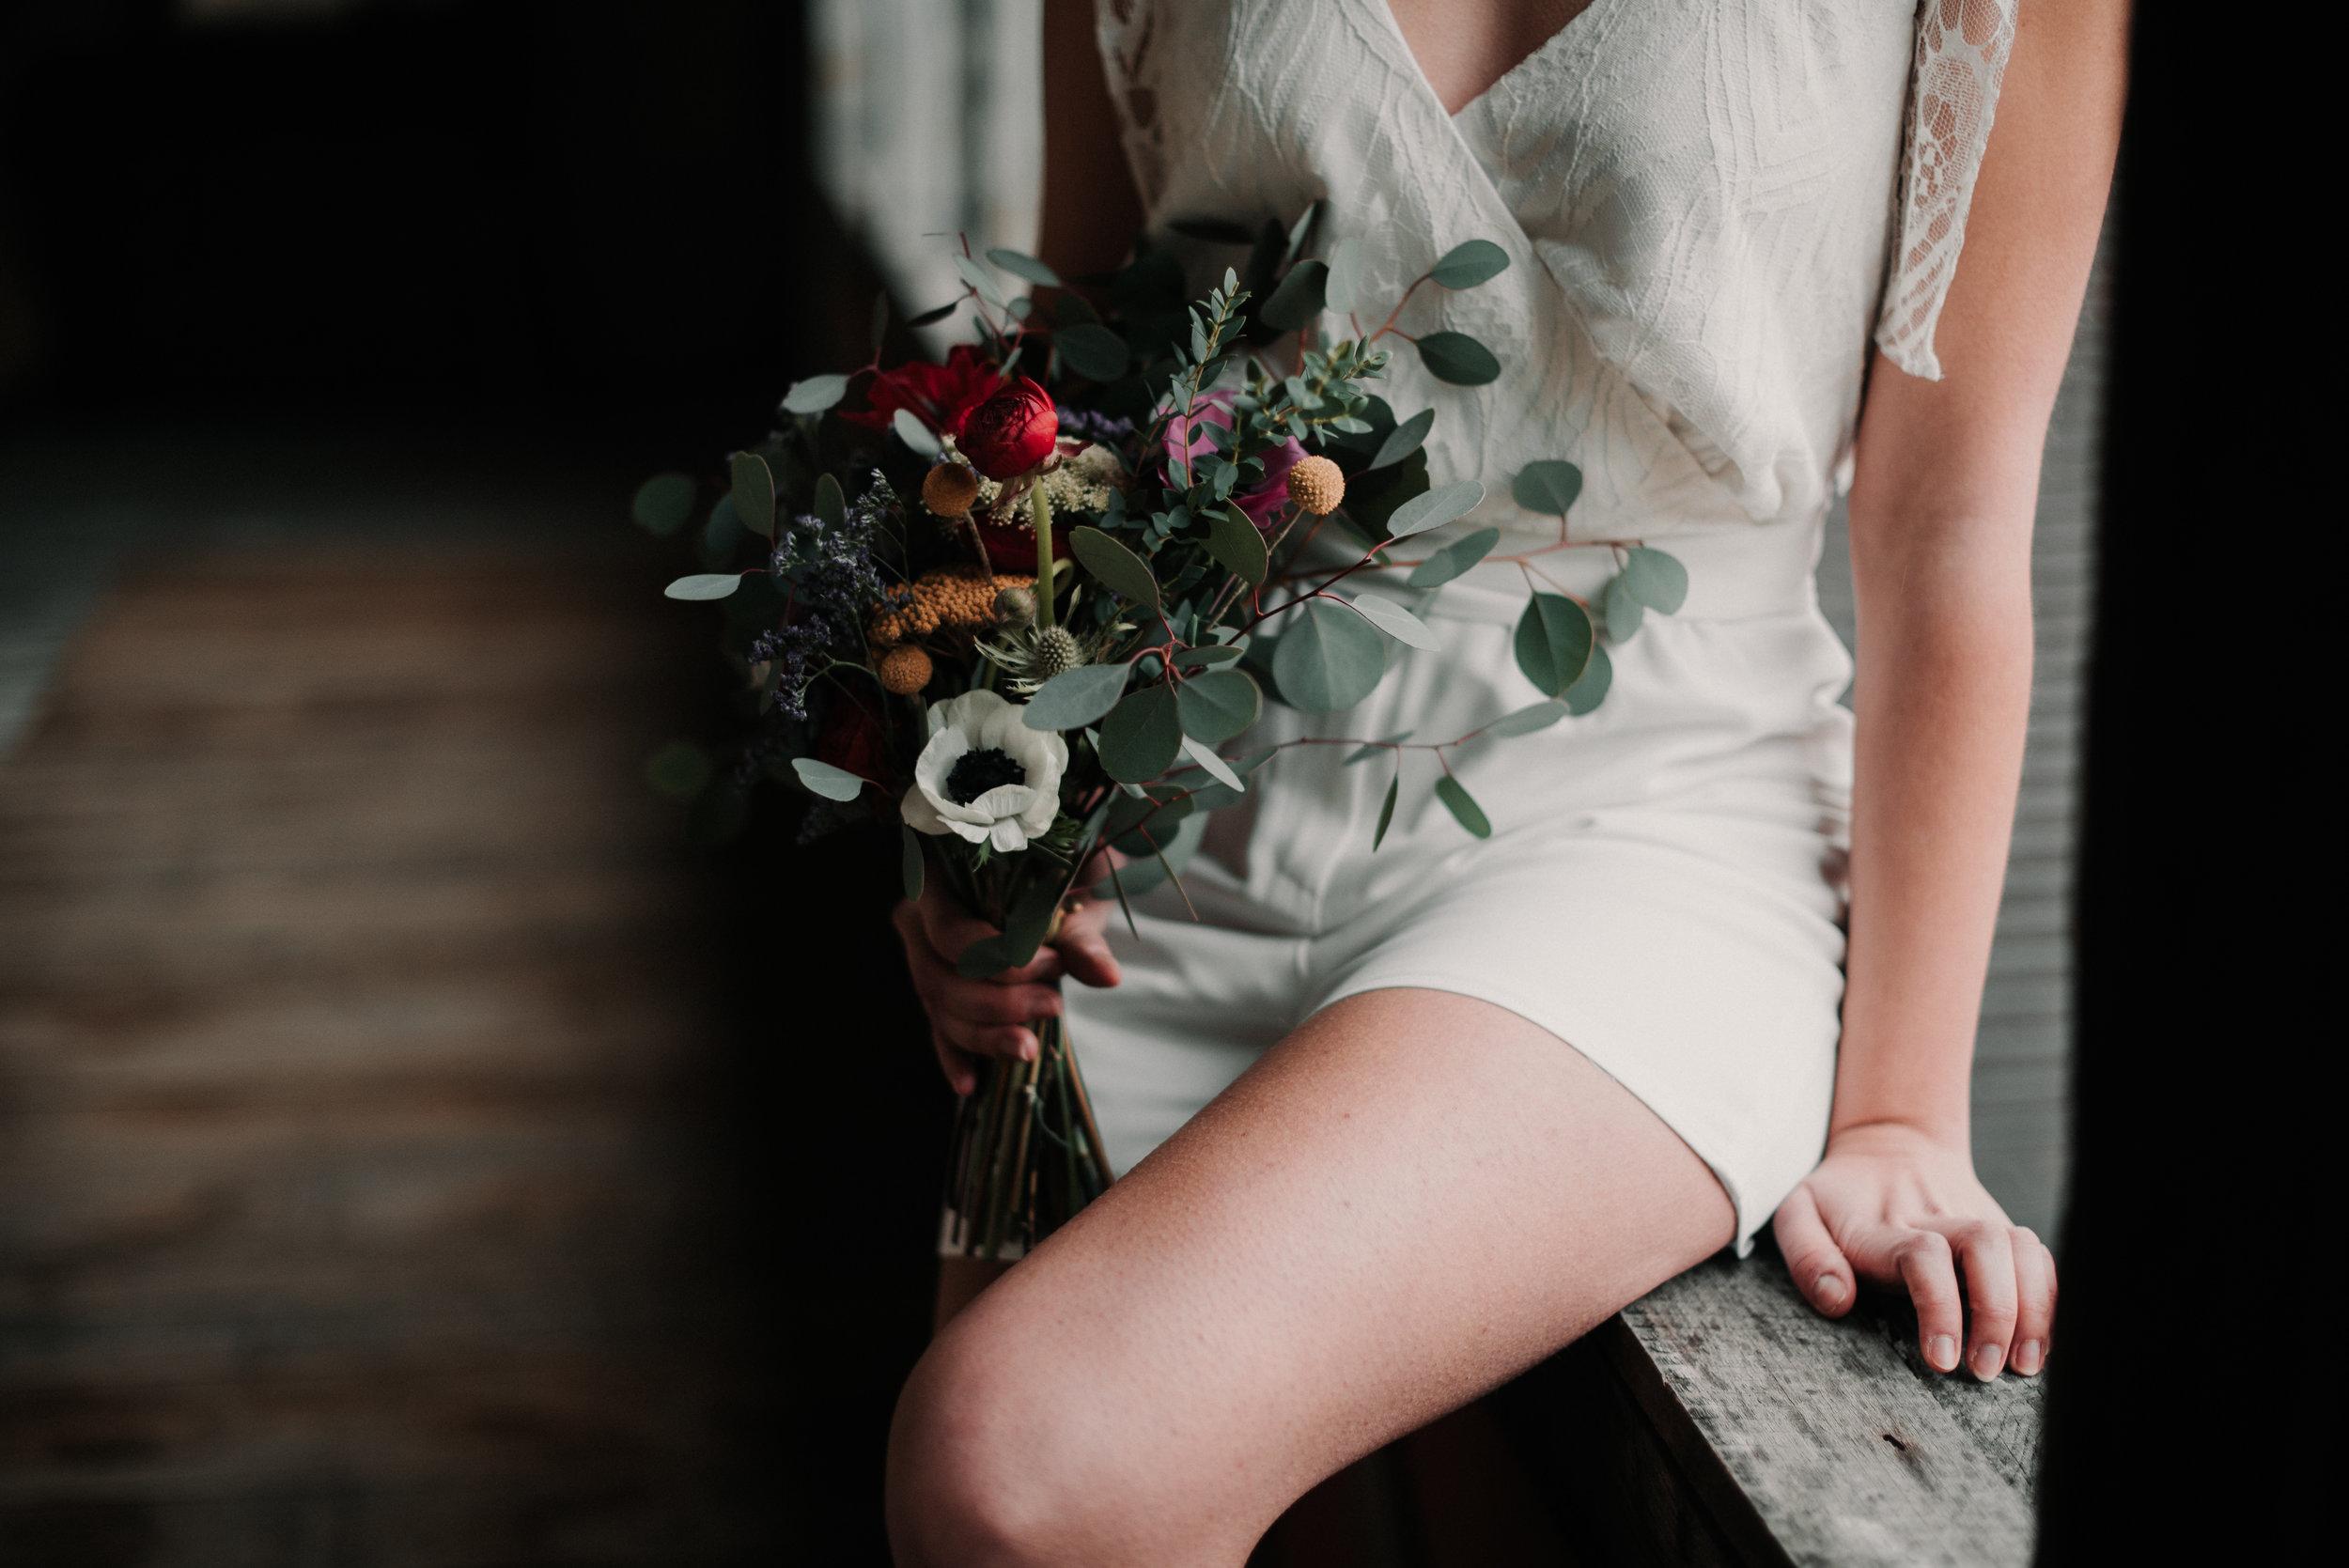 Léa-Fery-photographe-professionnel-lyon-rhone-alpes-portrait-creation-mariage-evenement-evenementiel-famille-3571.jpg